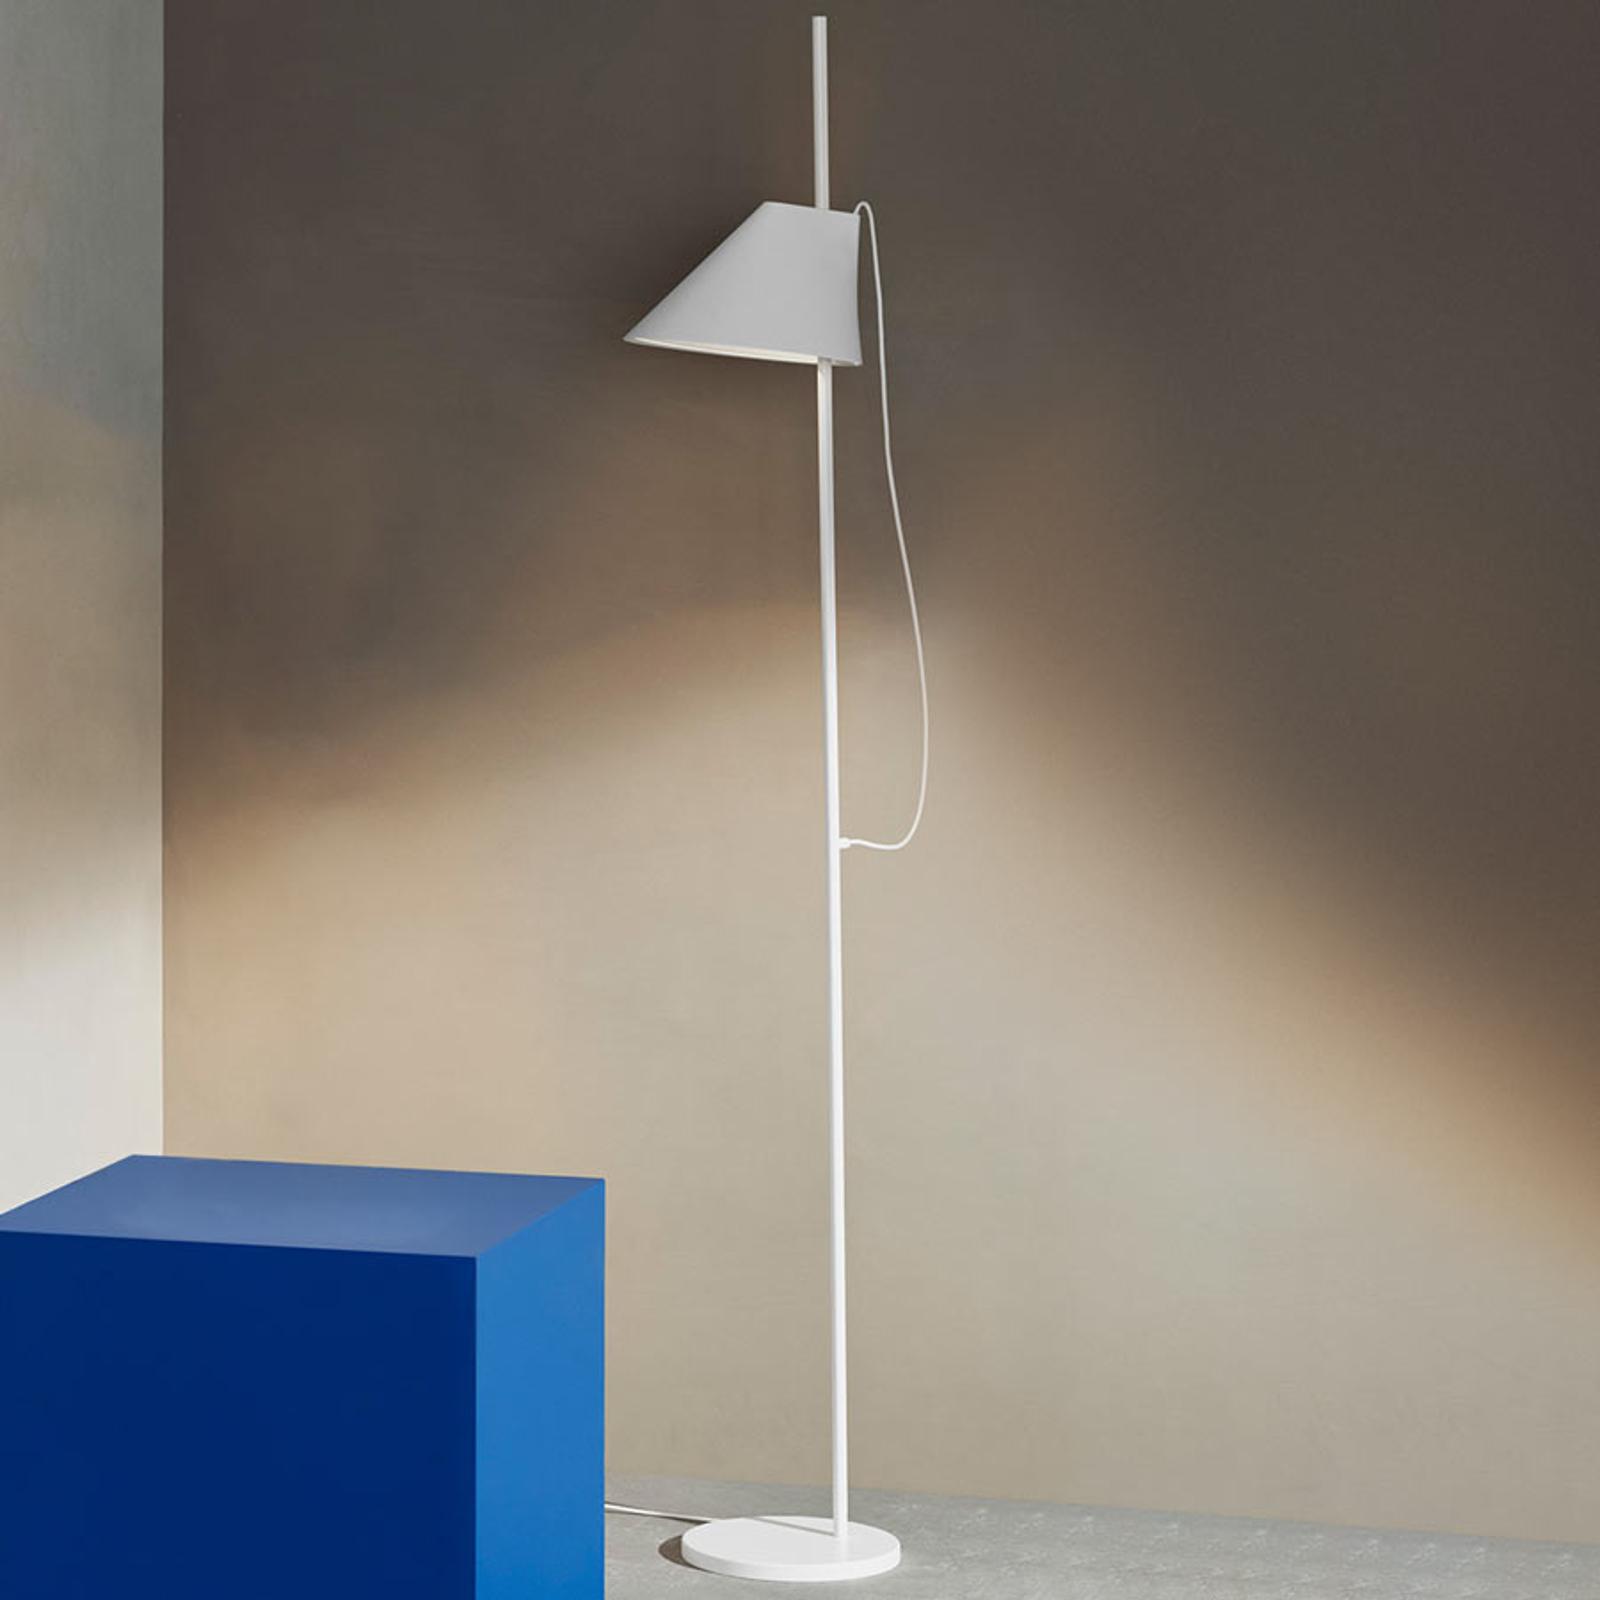 Dimbare designer LED tafellamp Yuh in wit